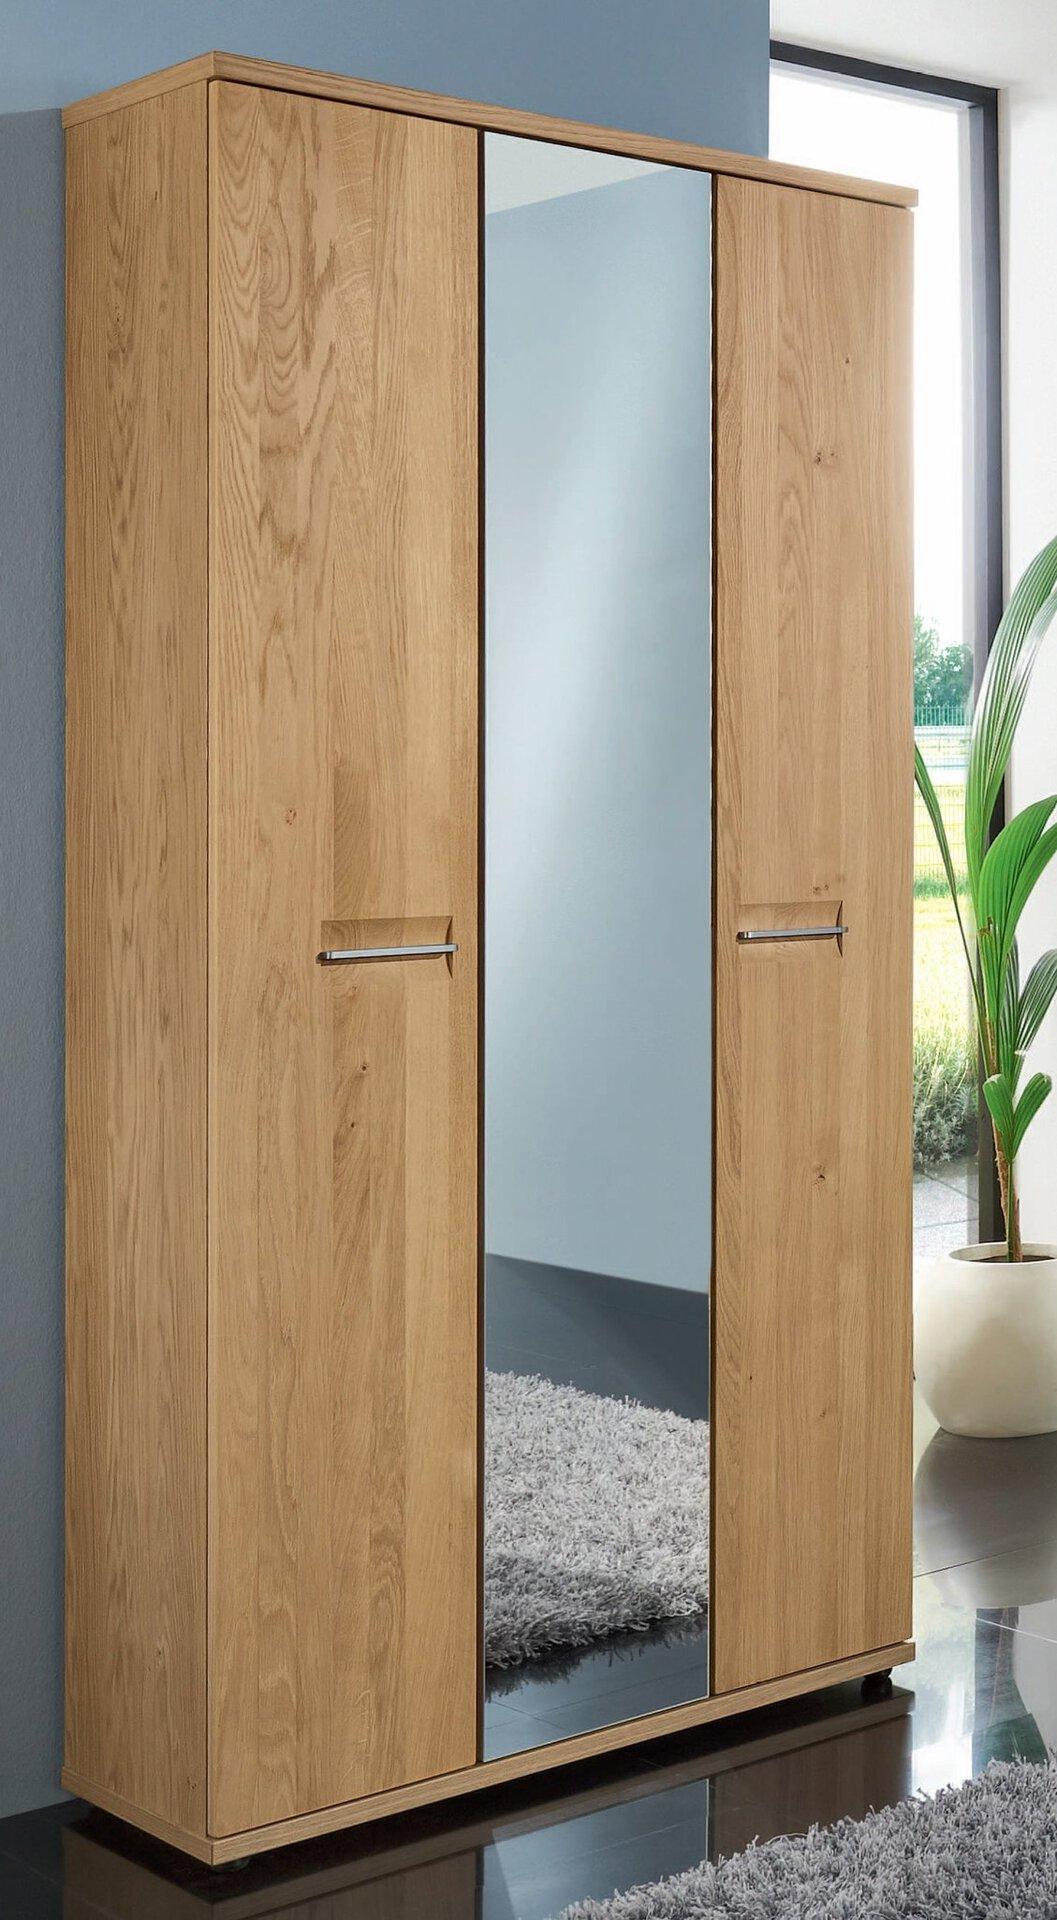 Garderobenschrank MONTANA Voss Möbel Holzwerkstoff braun 37 x 193 x 90 cm